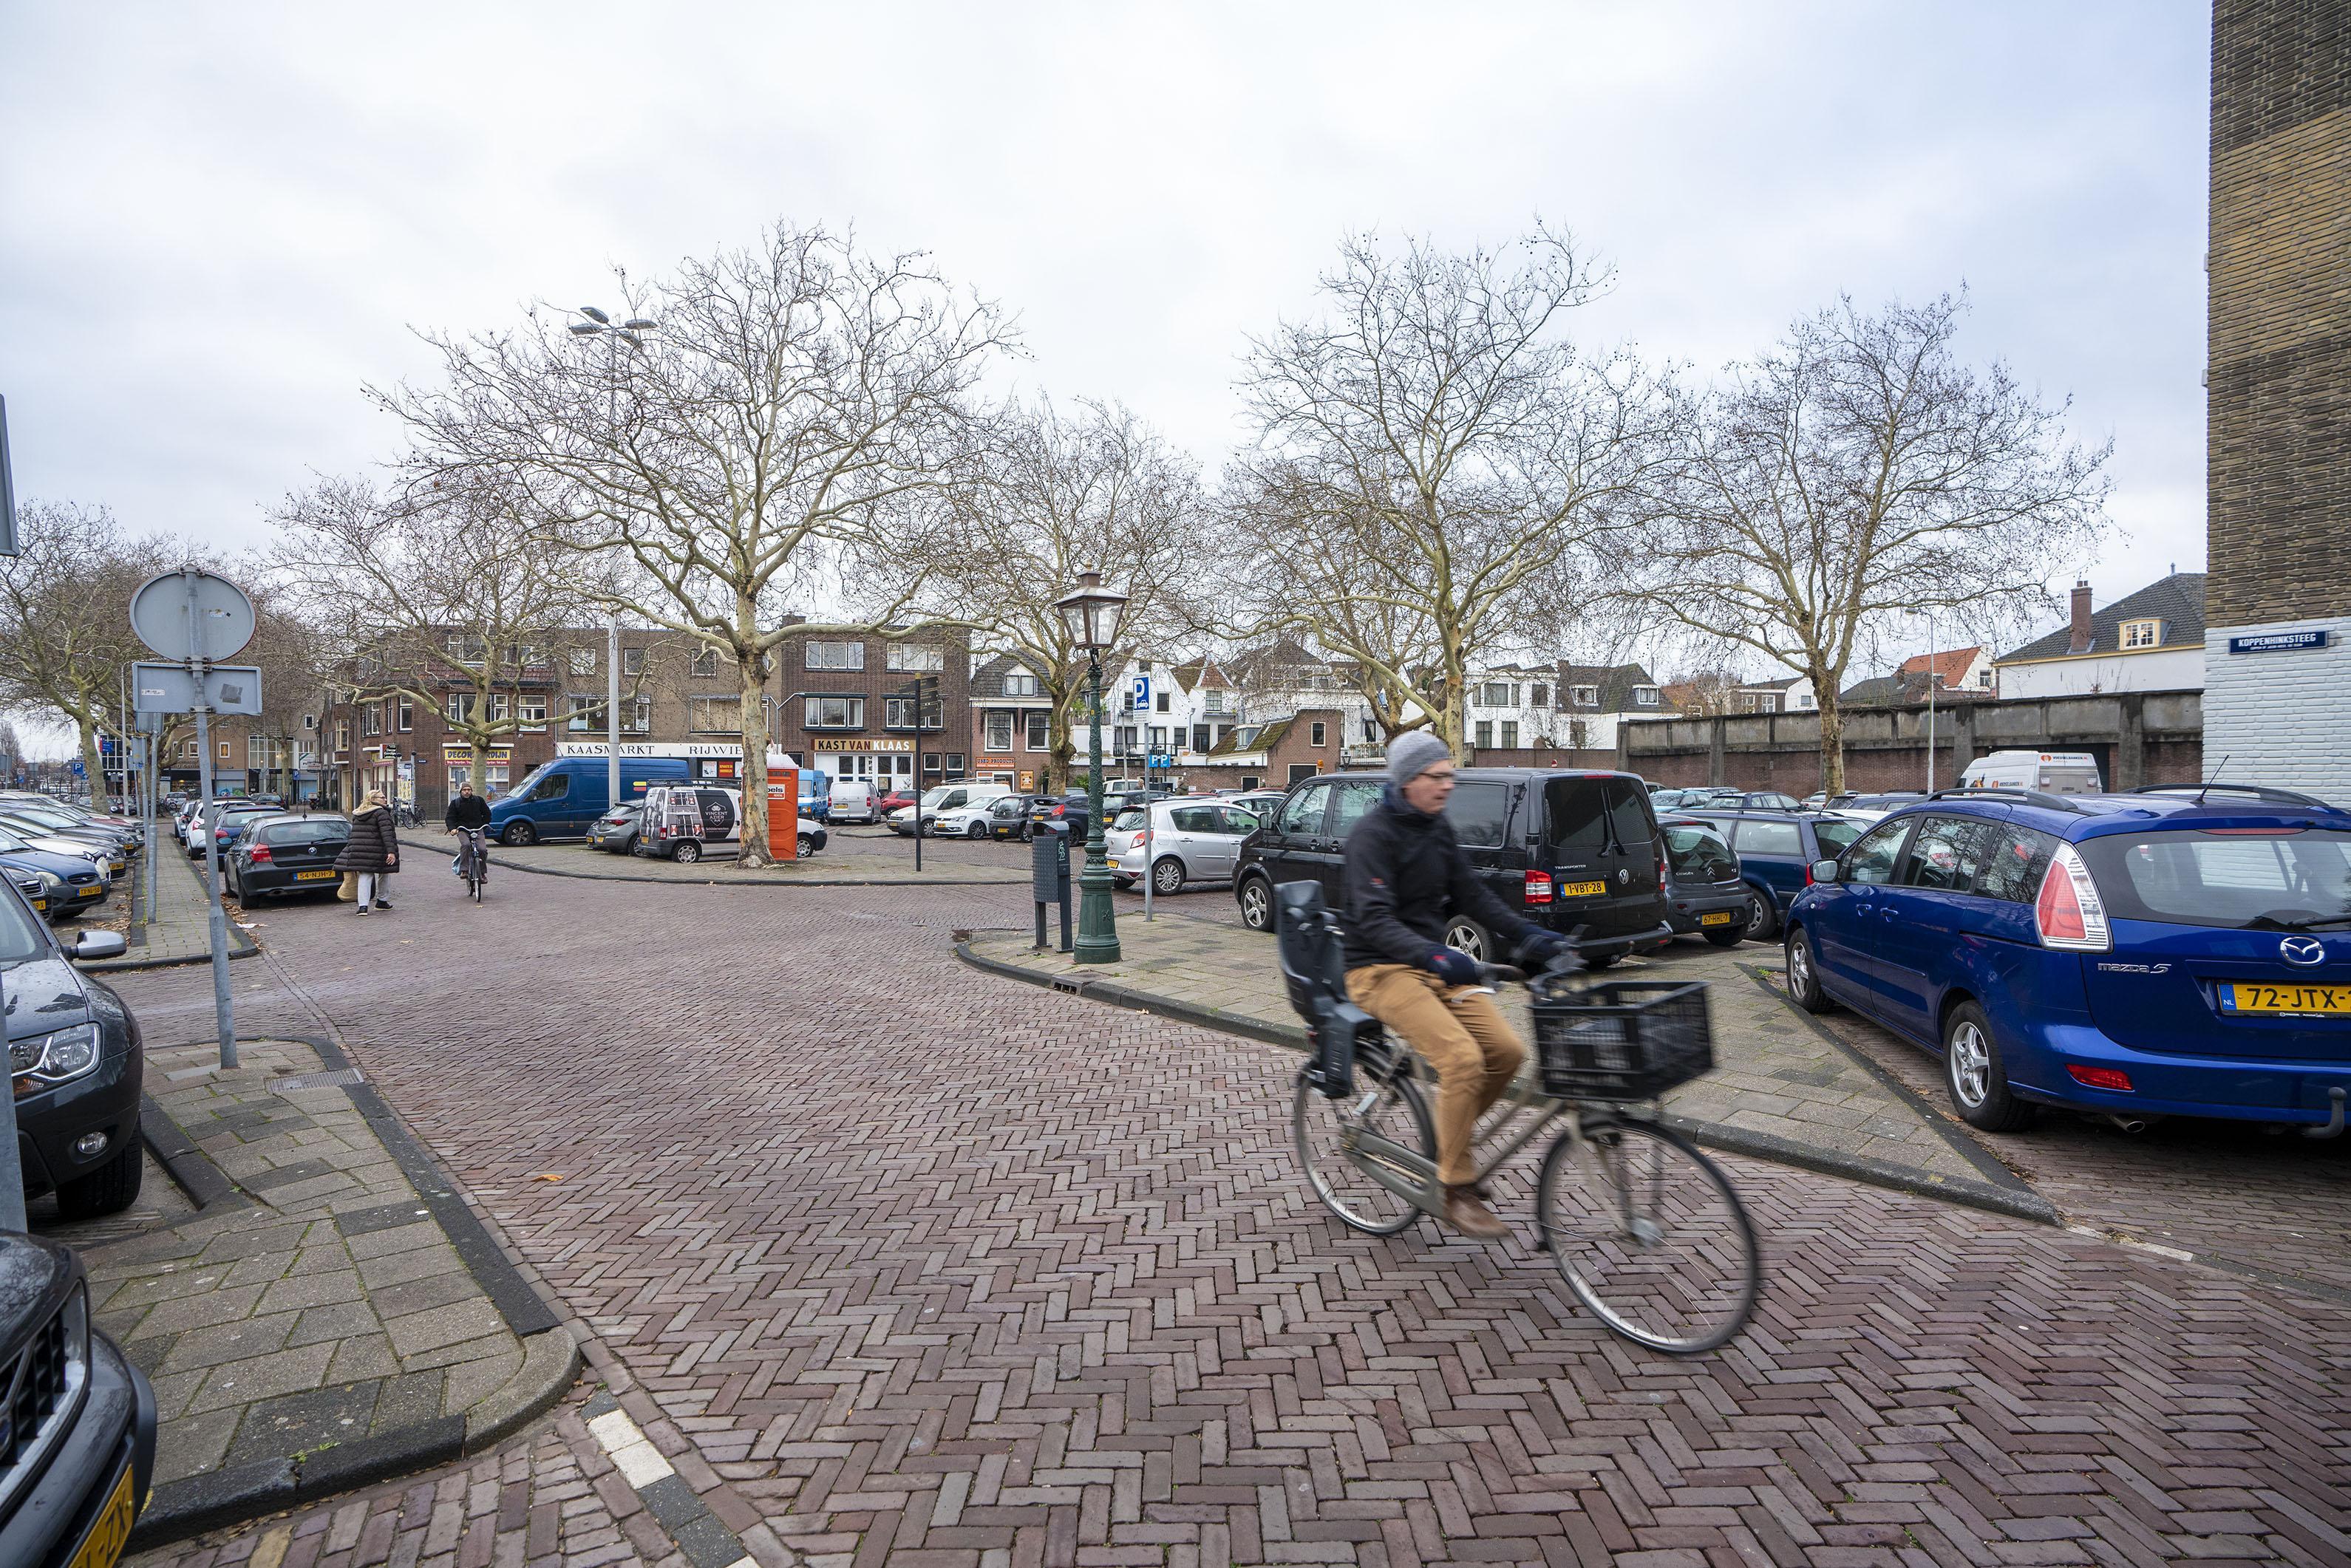 Wijkverenigingen willen niet langer aan 'poppenkastinspraak' rond Leidse Kaasmarkt deelnemen